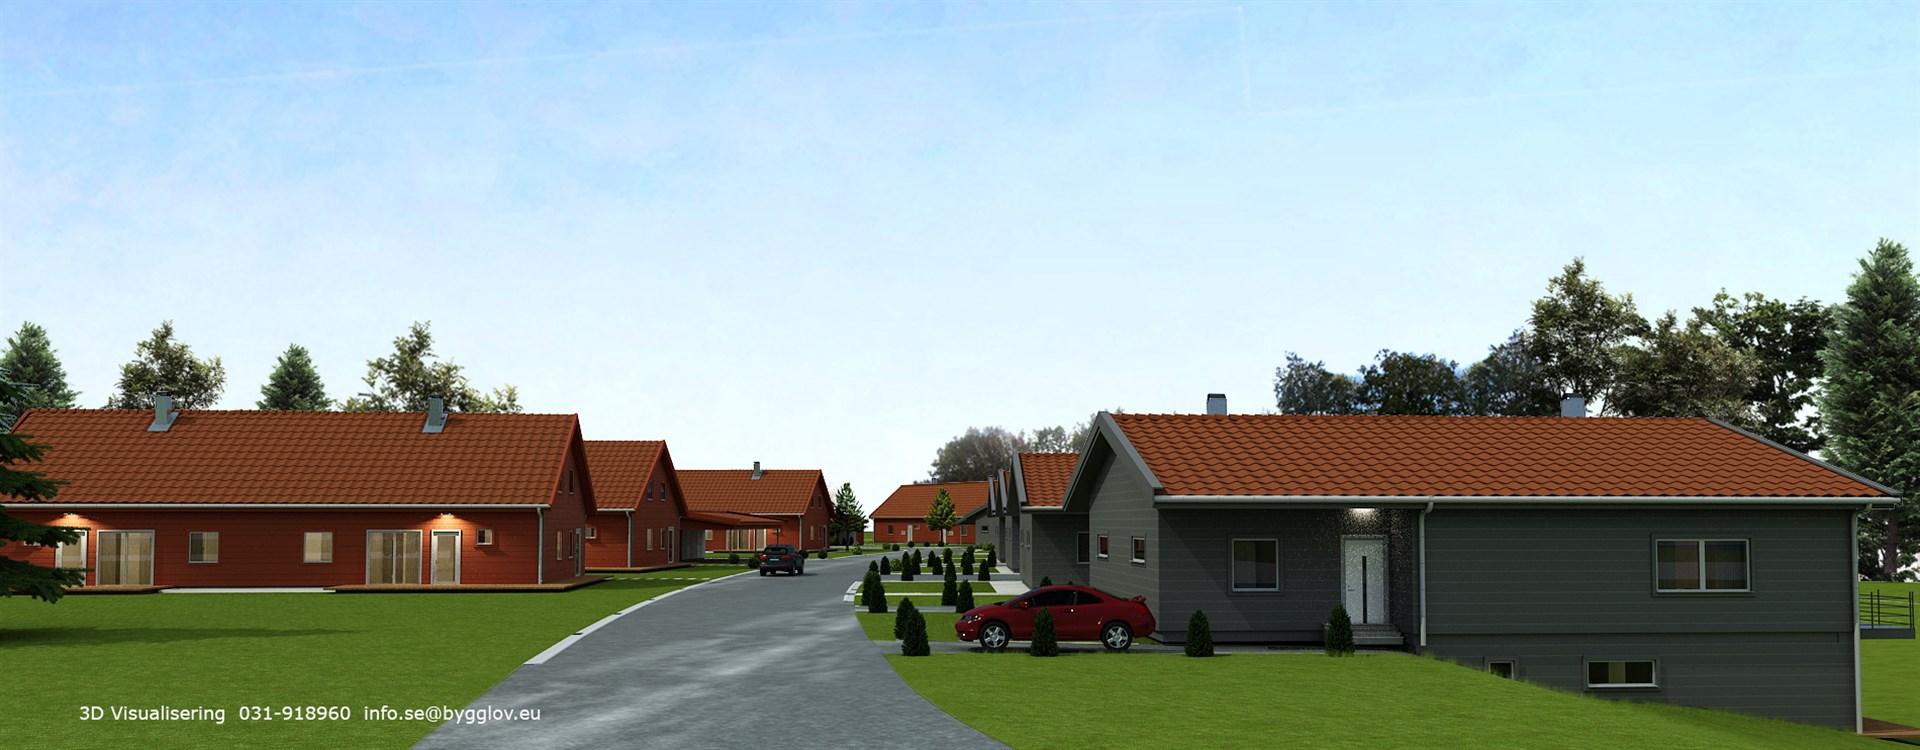 Till vänster Bingevägen 1A (hustyp 86), till höger Bingevägen 2A.(Hustyp 123)